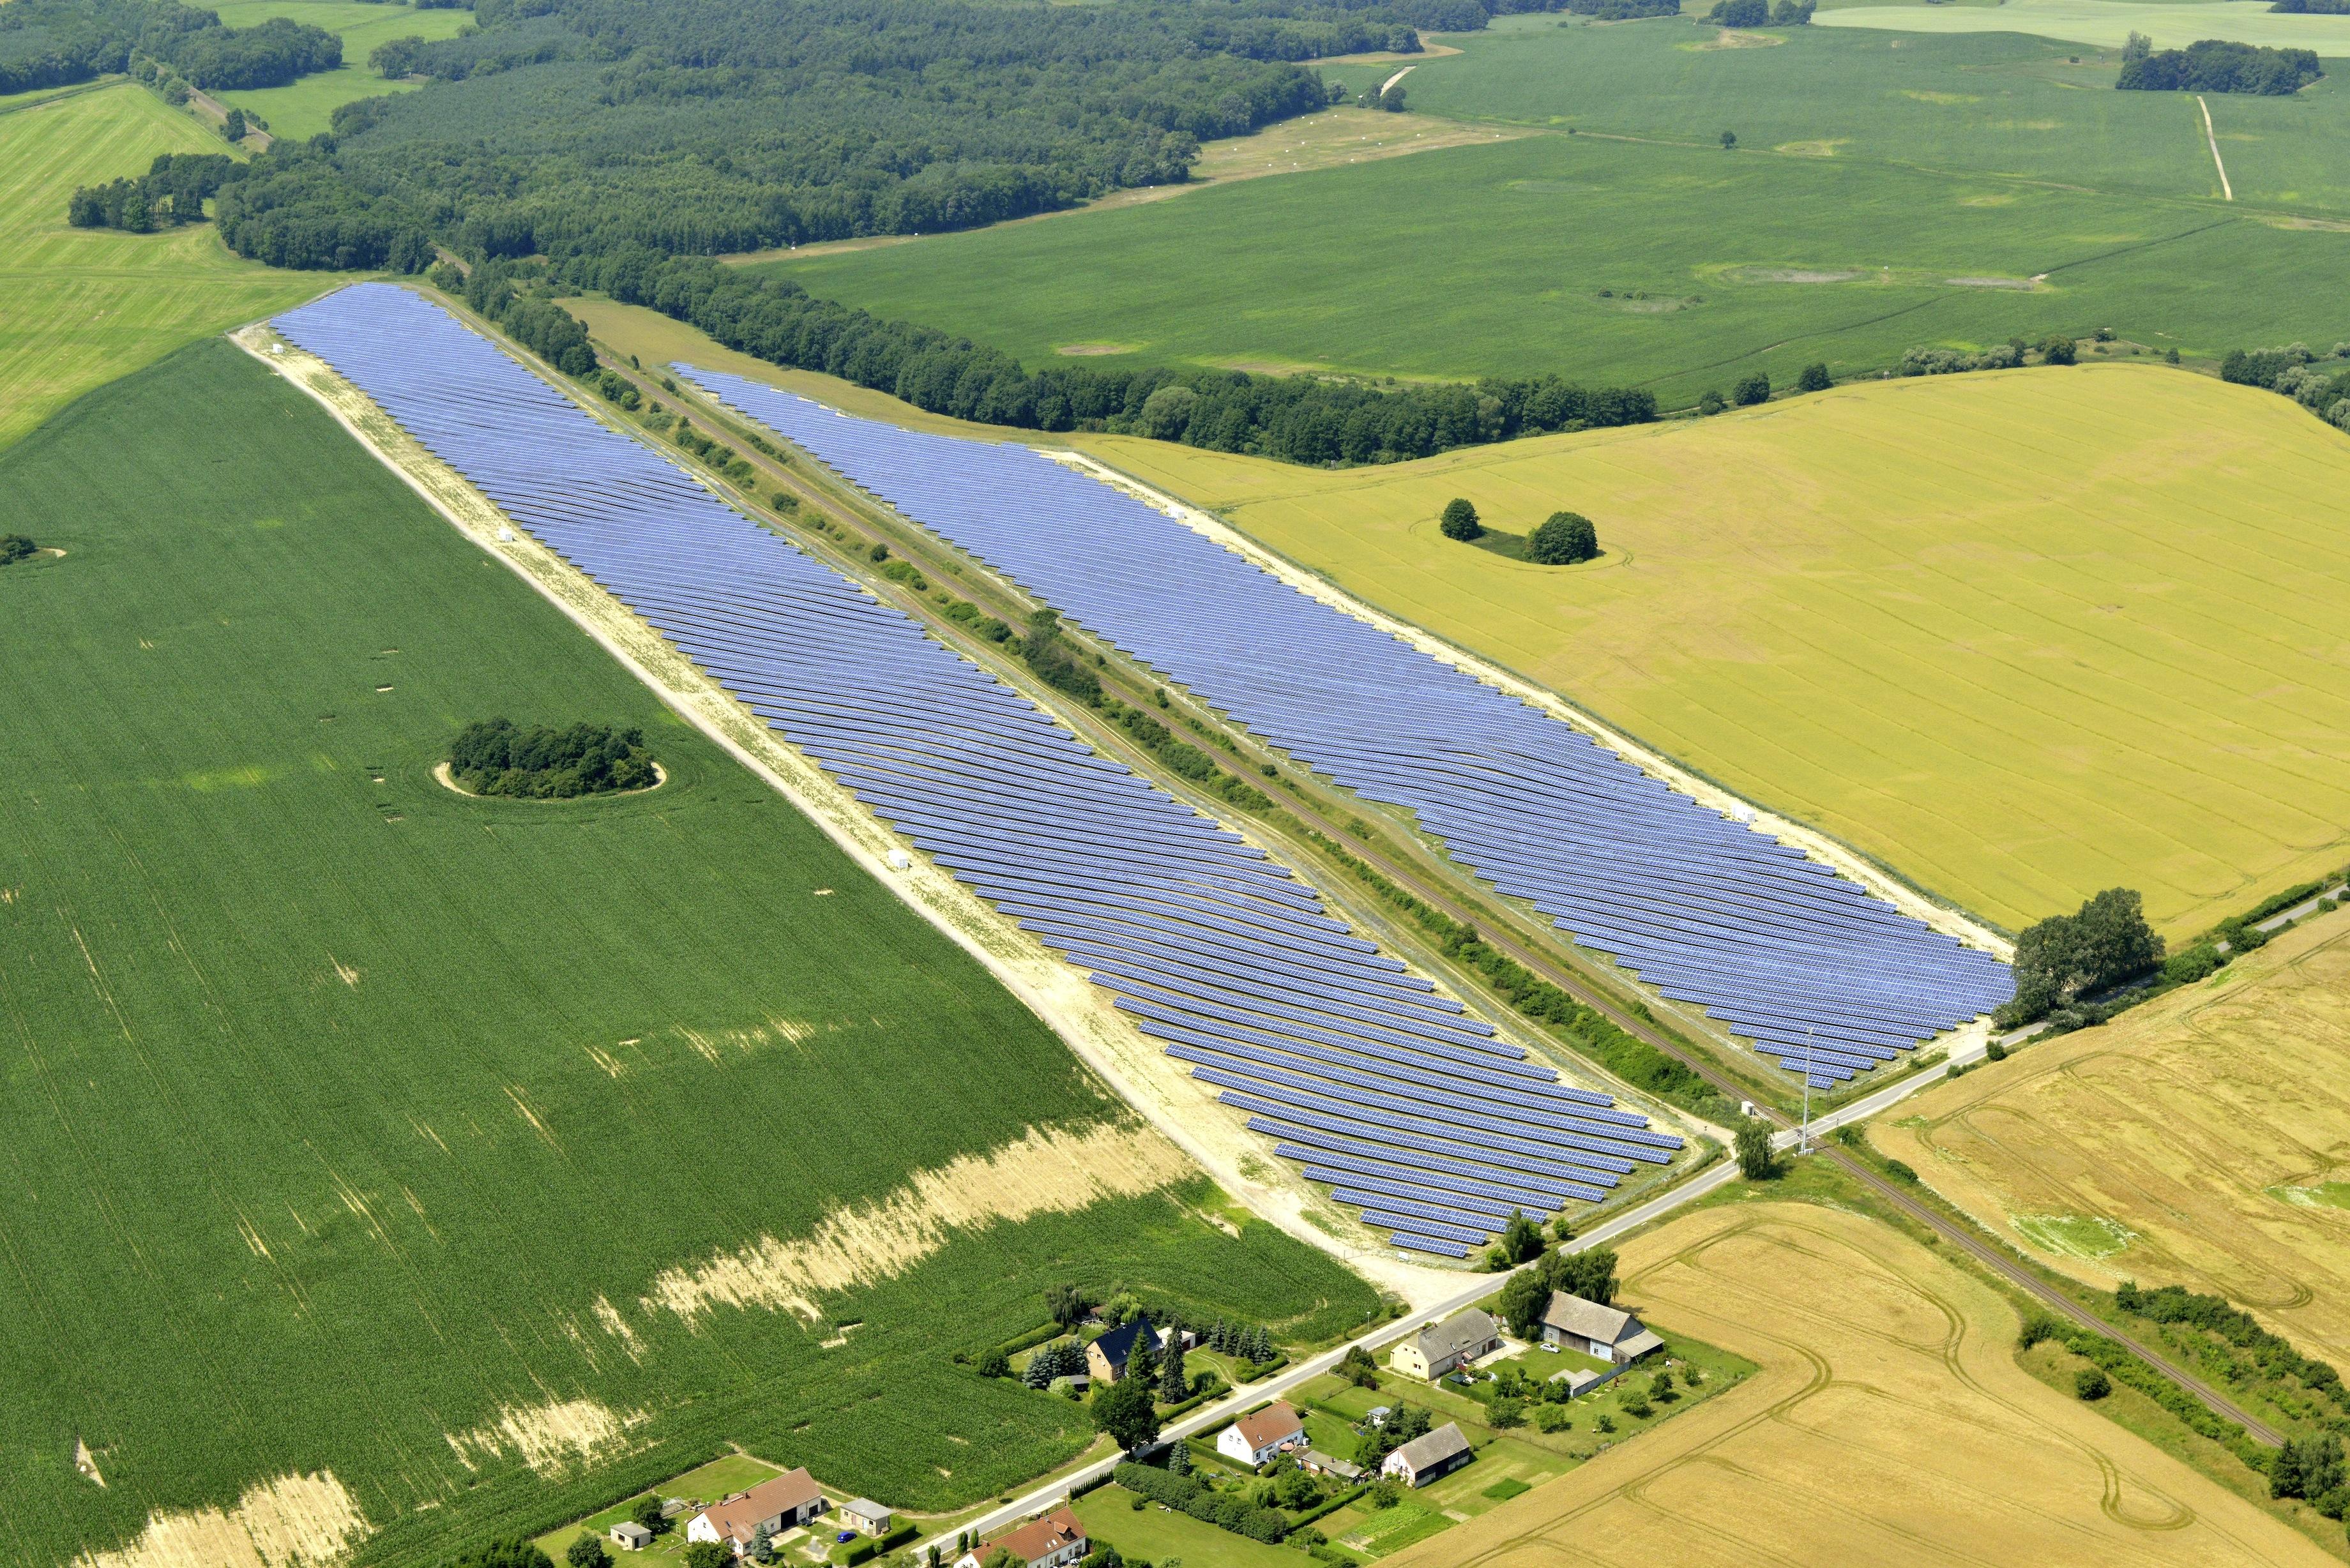 Solaranlage der Capital Stage AG. Mit der Übernahme der Chorus Clean Energy AG baut das Unternehmen sein Portfolio mit Solaranlagen und Windkraftanlagen deutlich aus. / Foto: Capital Stage AG